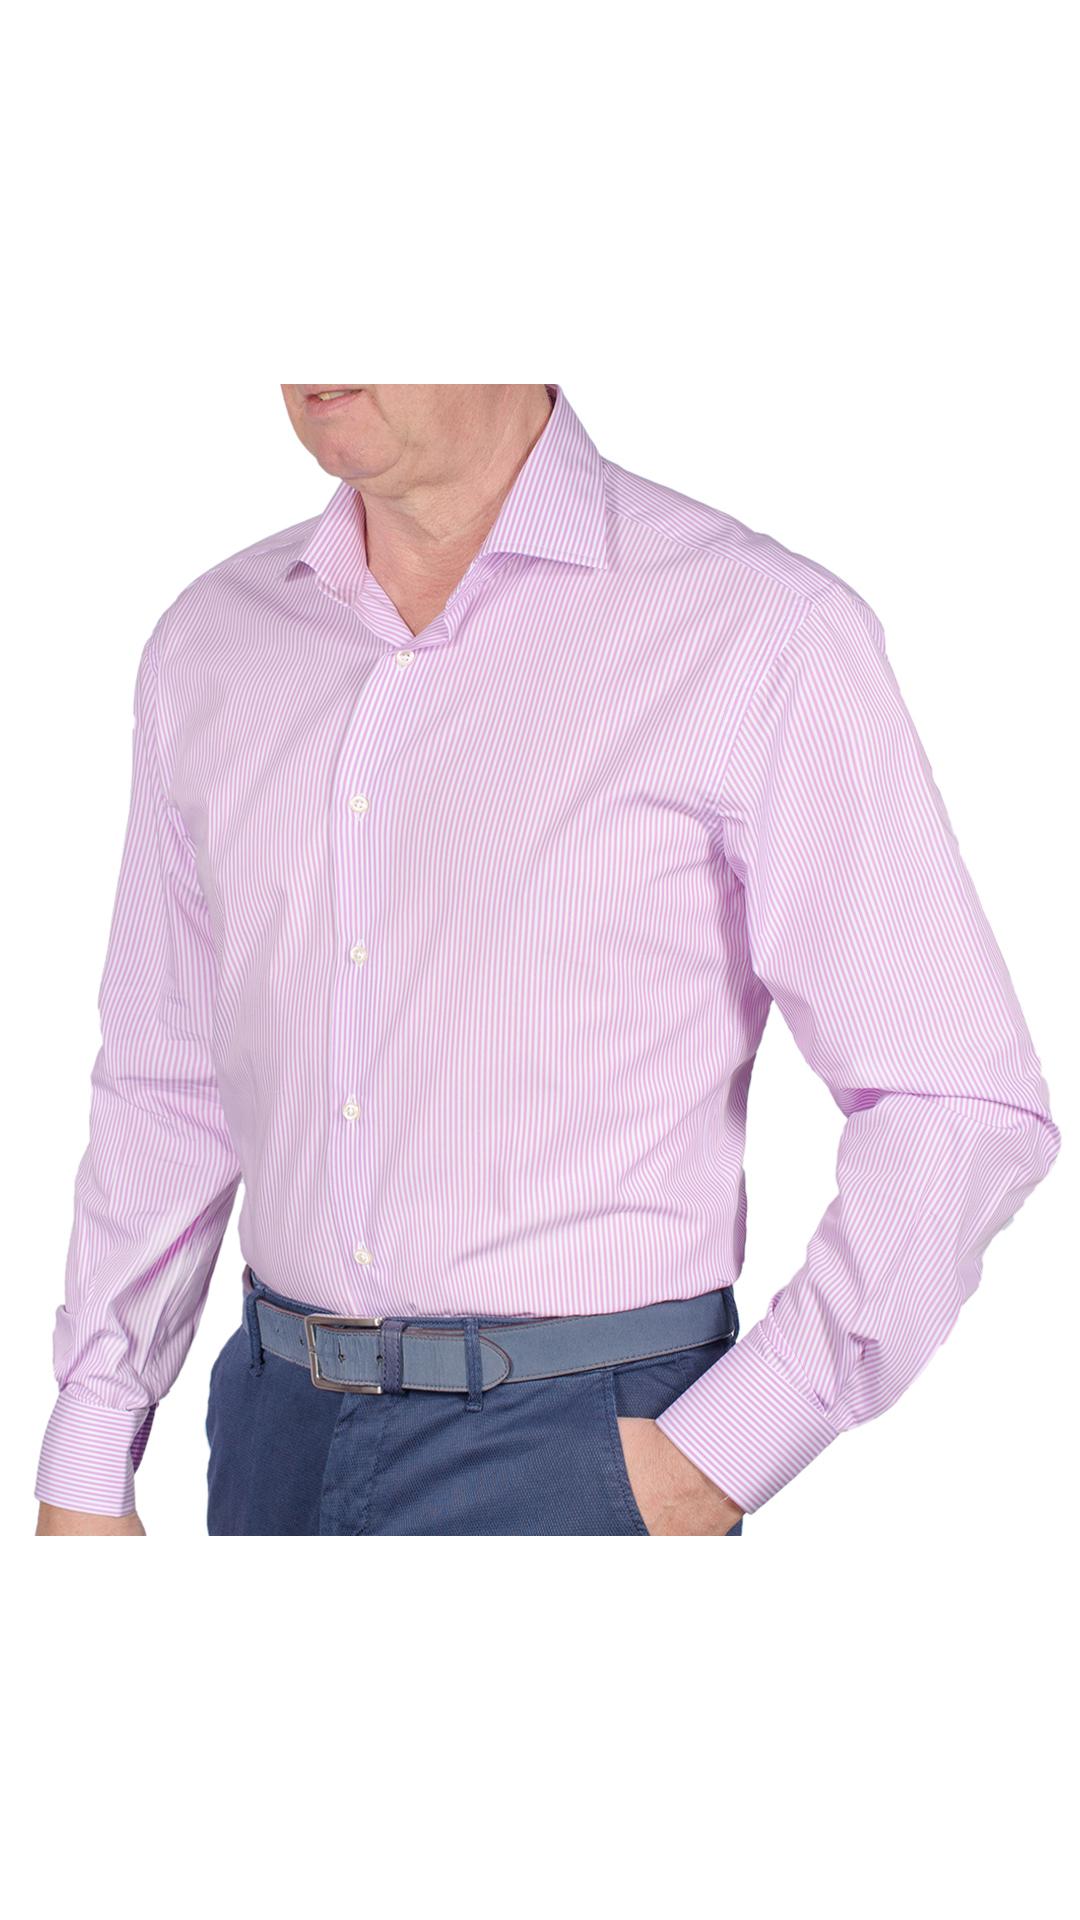 LUXURYJT0086 CAMICIA UOMO DOPPIO RITORTO MANICA LUNGA 1 1stAmerican camicia elegante da uomo in collo classico 100% cotone alta qualità doppio ritorto manica lunga – camicia sartoriale regular fit